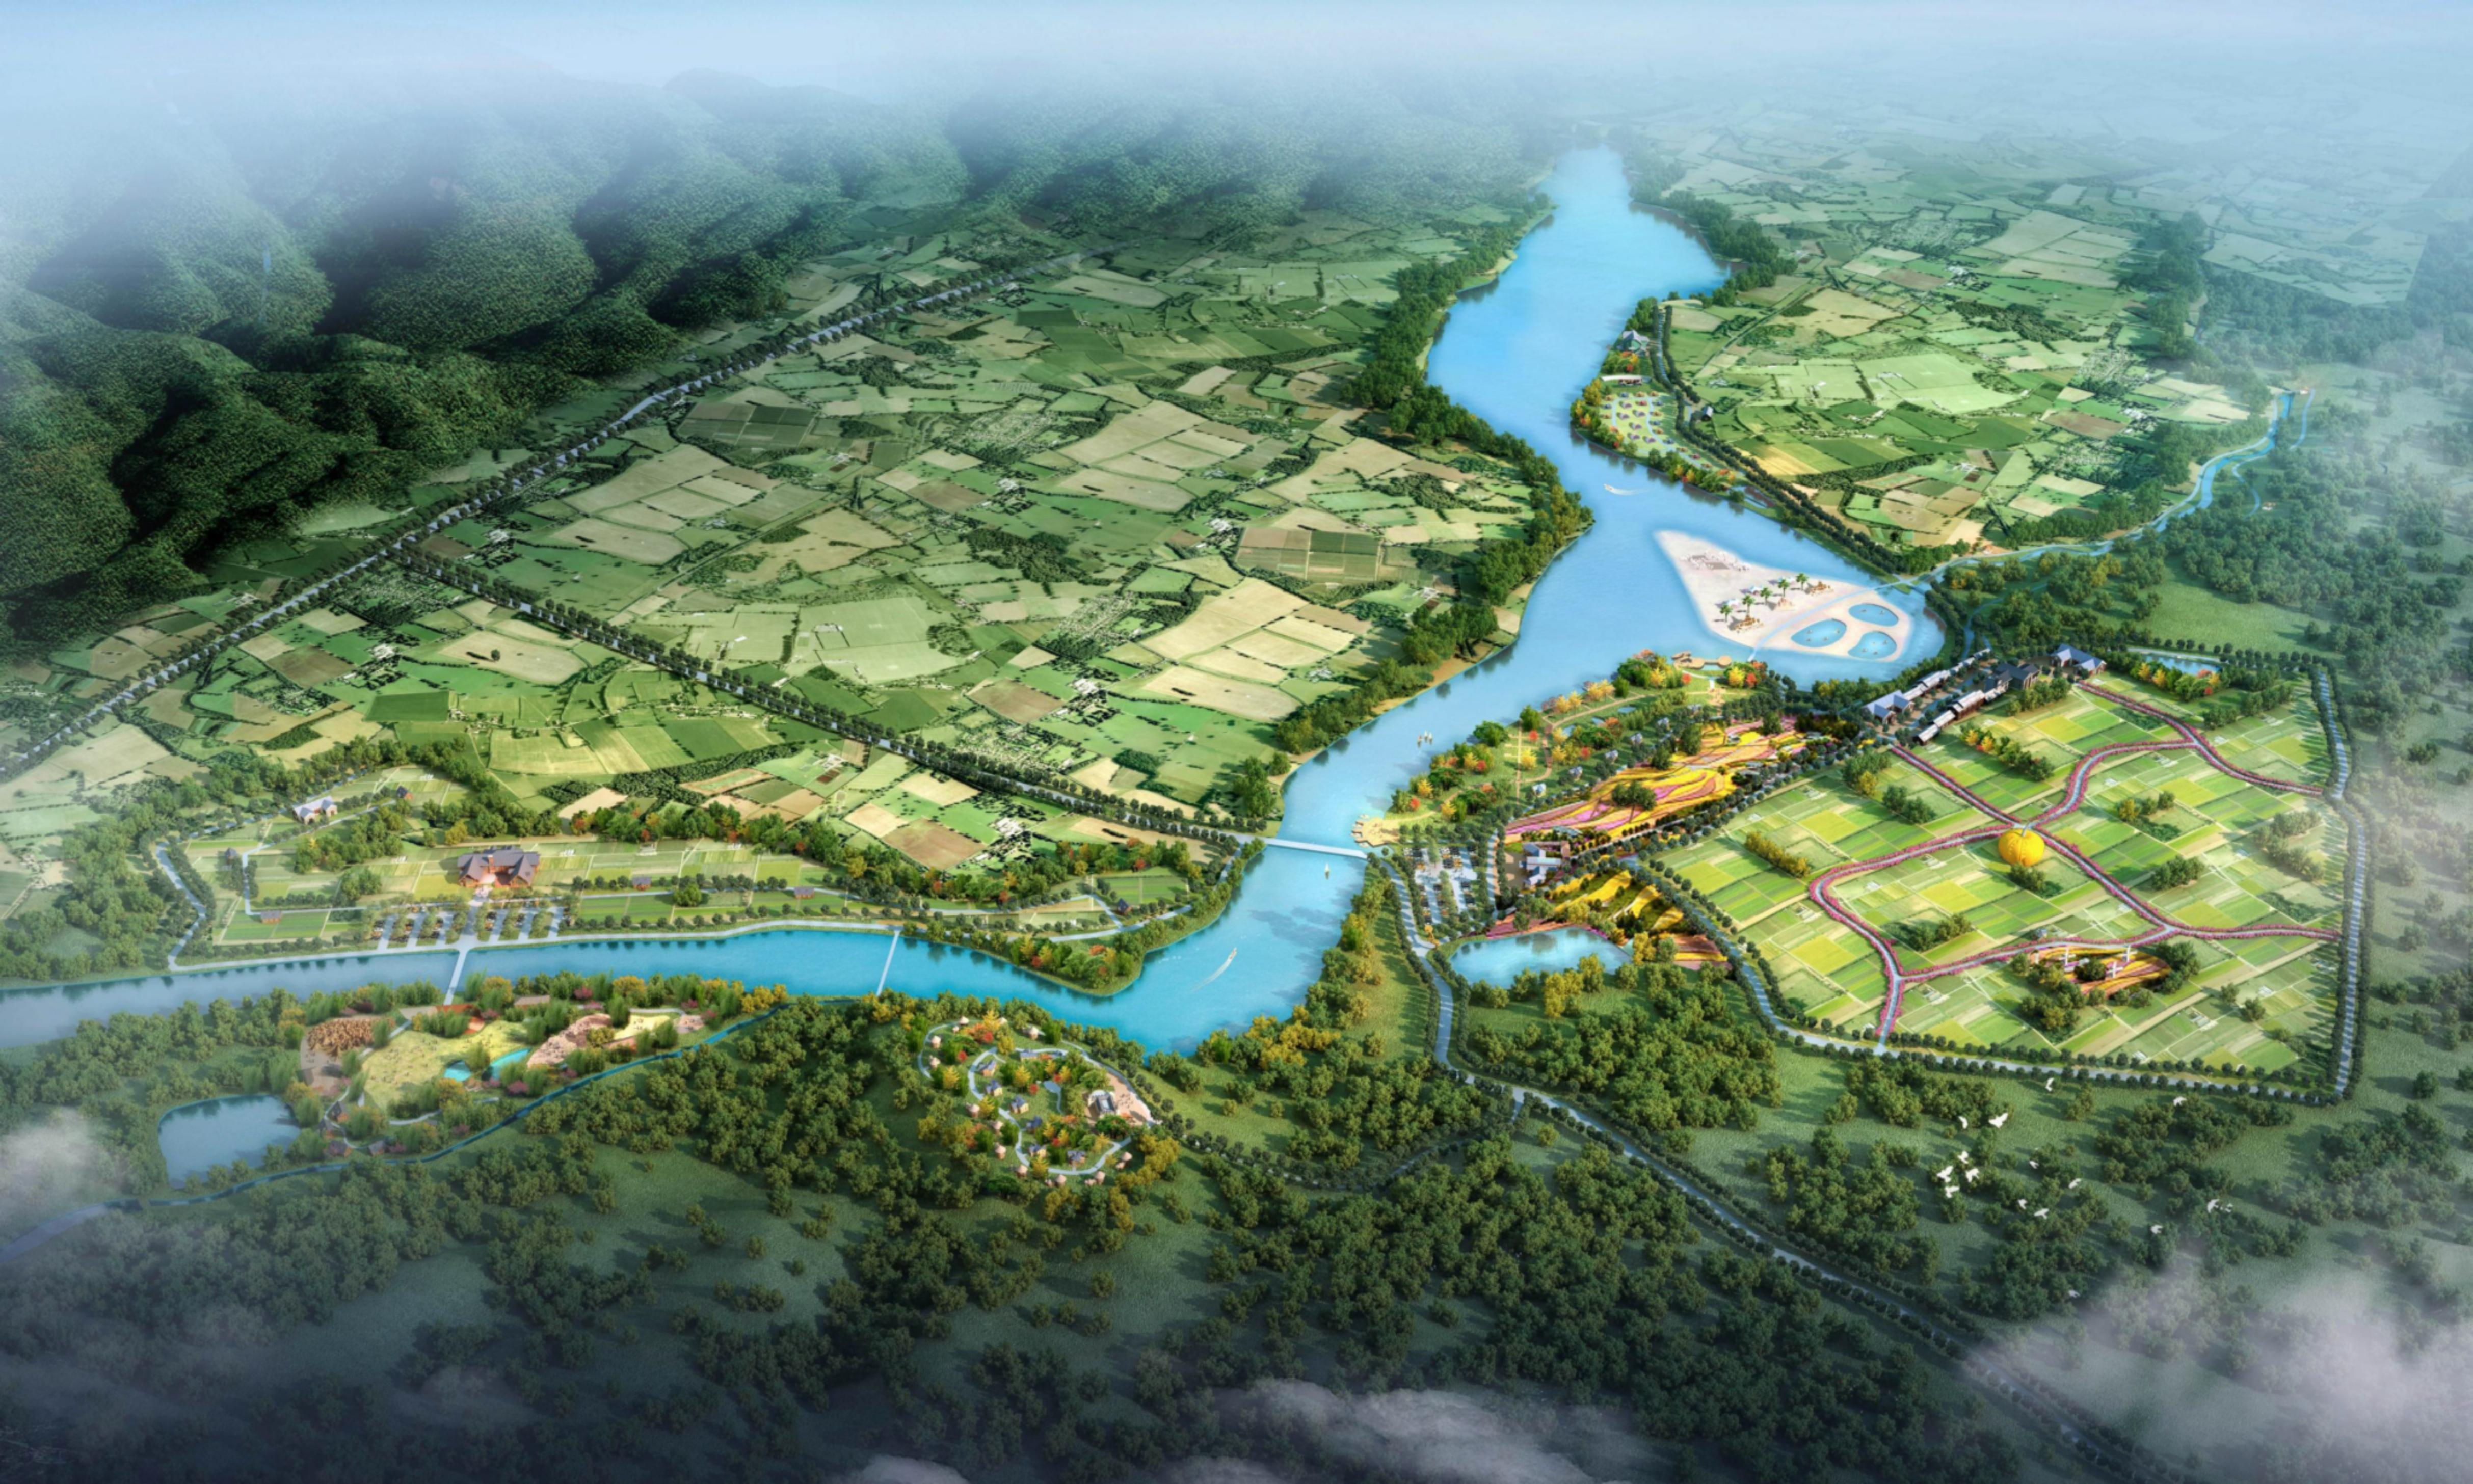 广东 英德英农农庄之亲子农乐园 旅游规划 休闲农业 农业培训 木屋建造